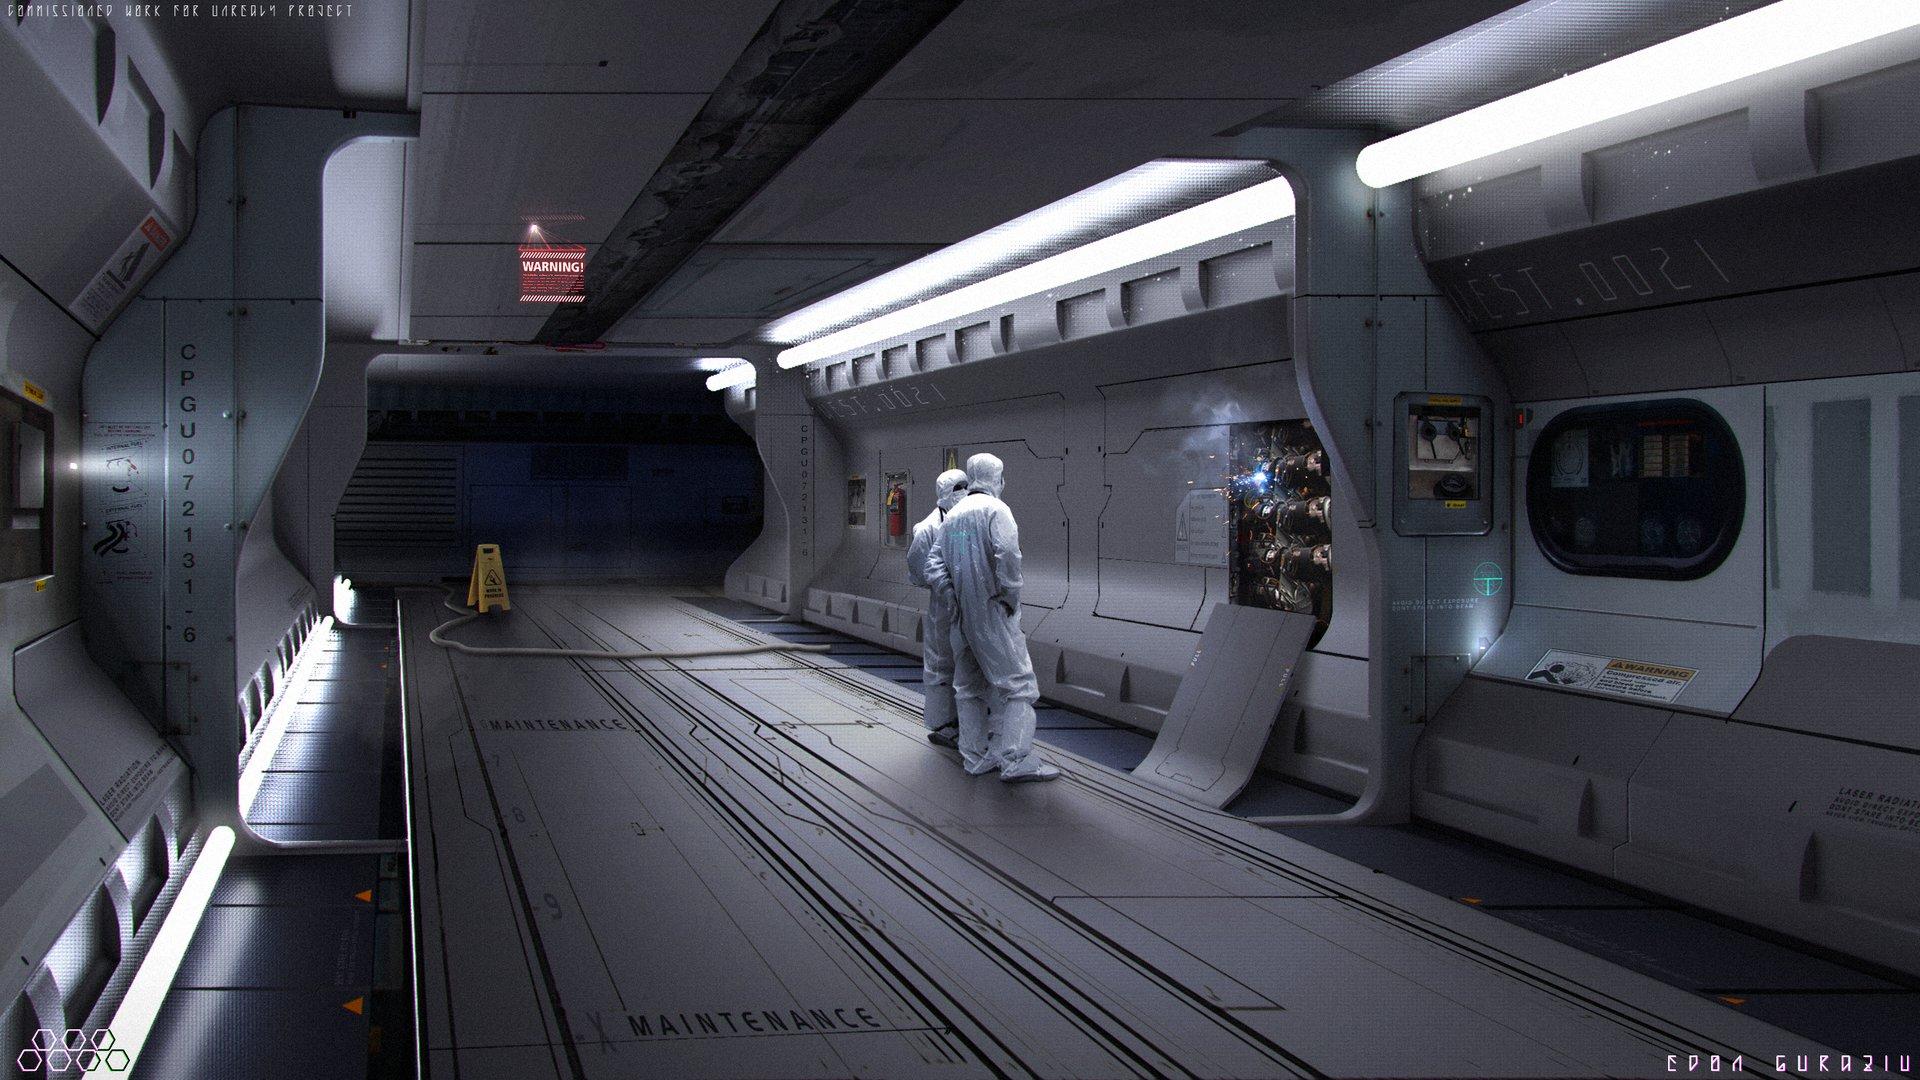 Edon guraziu corridor copy